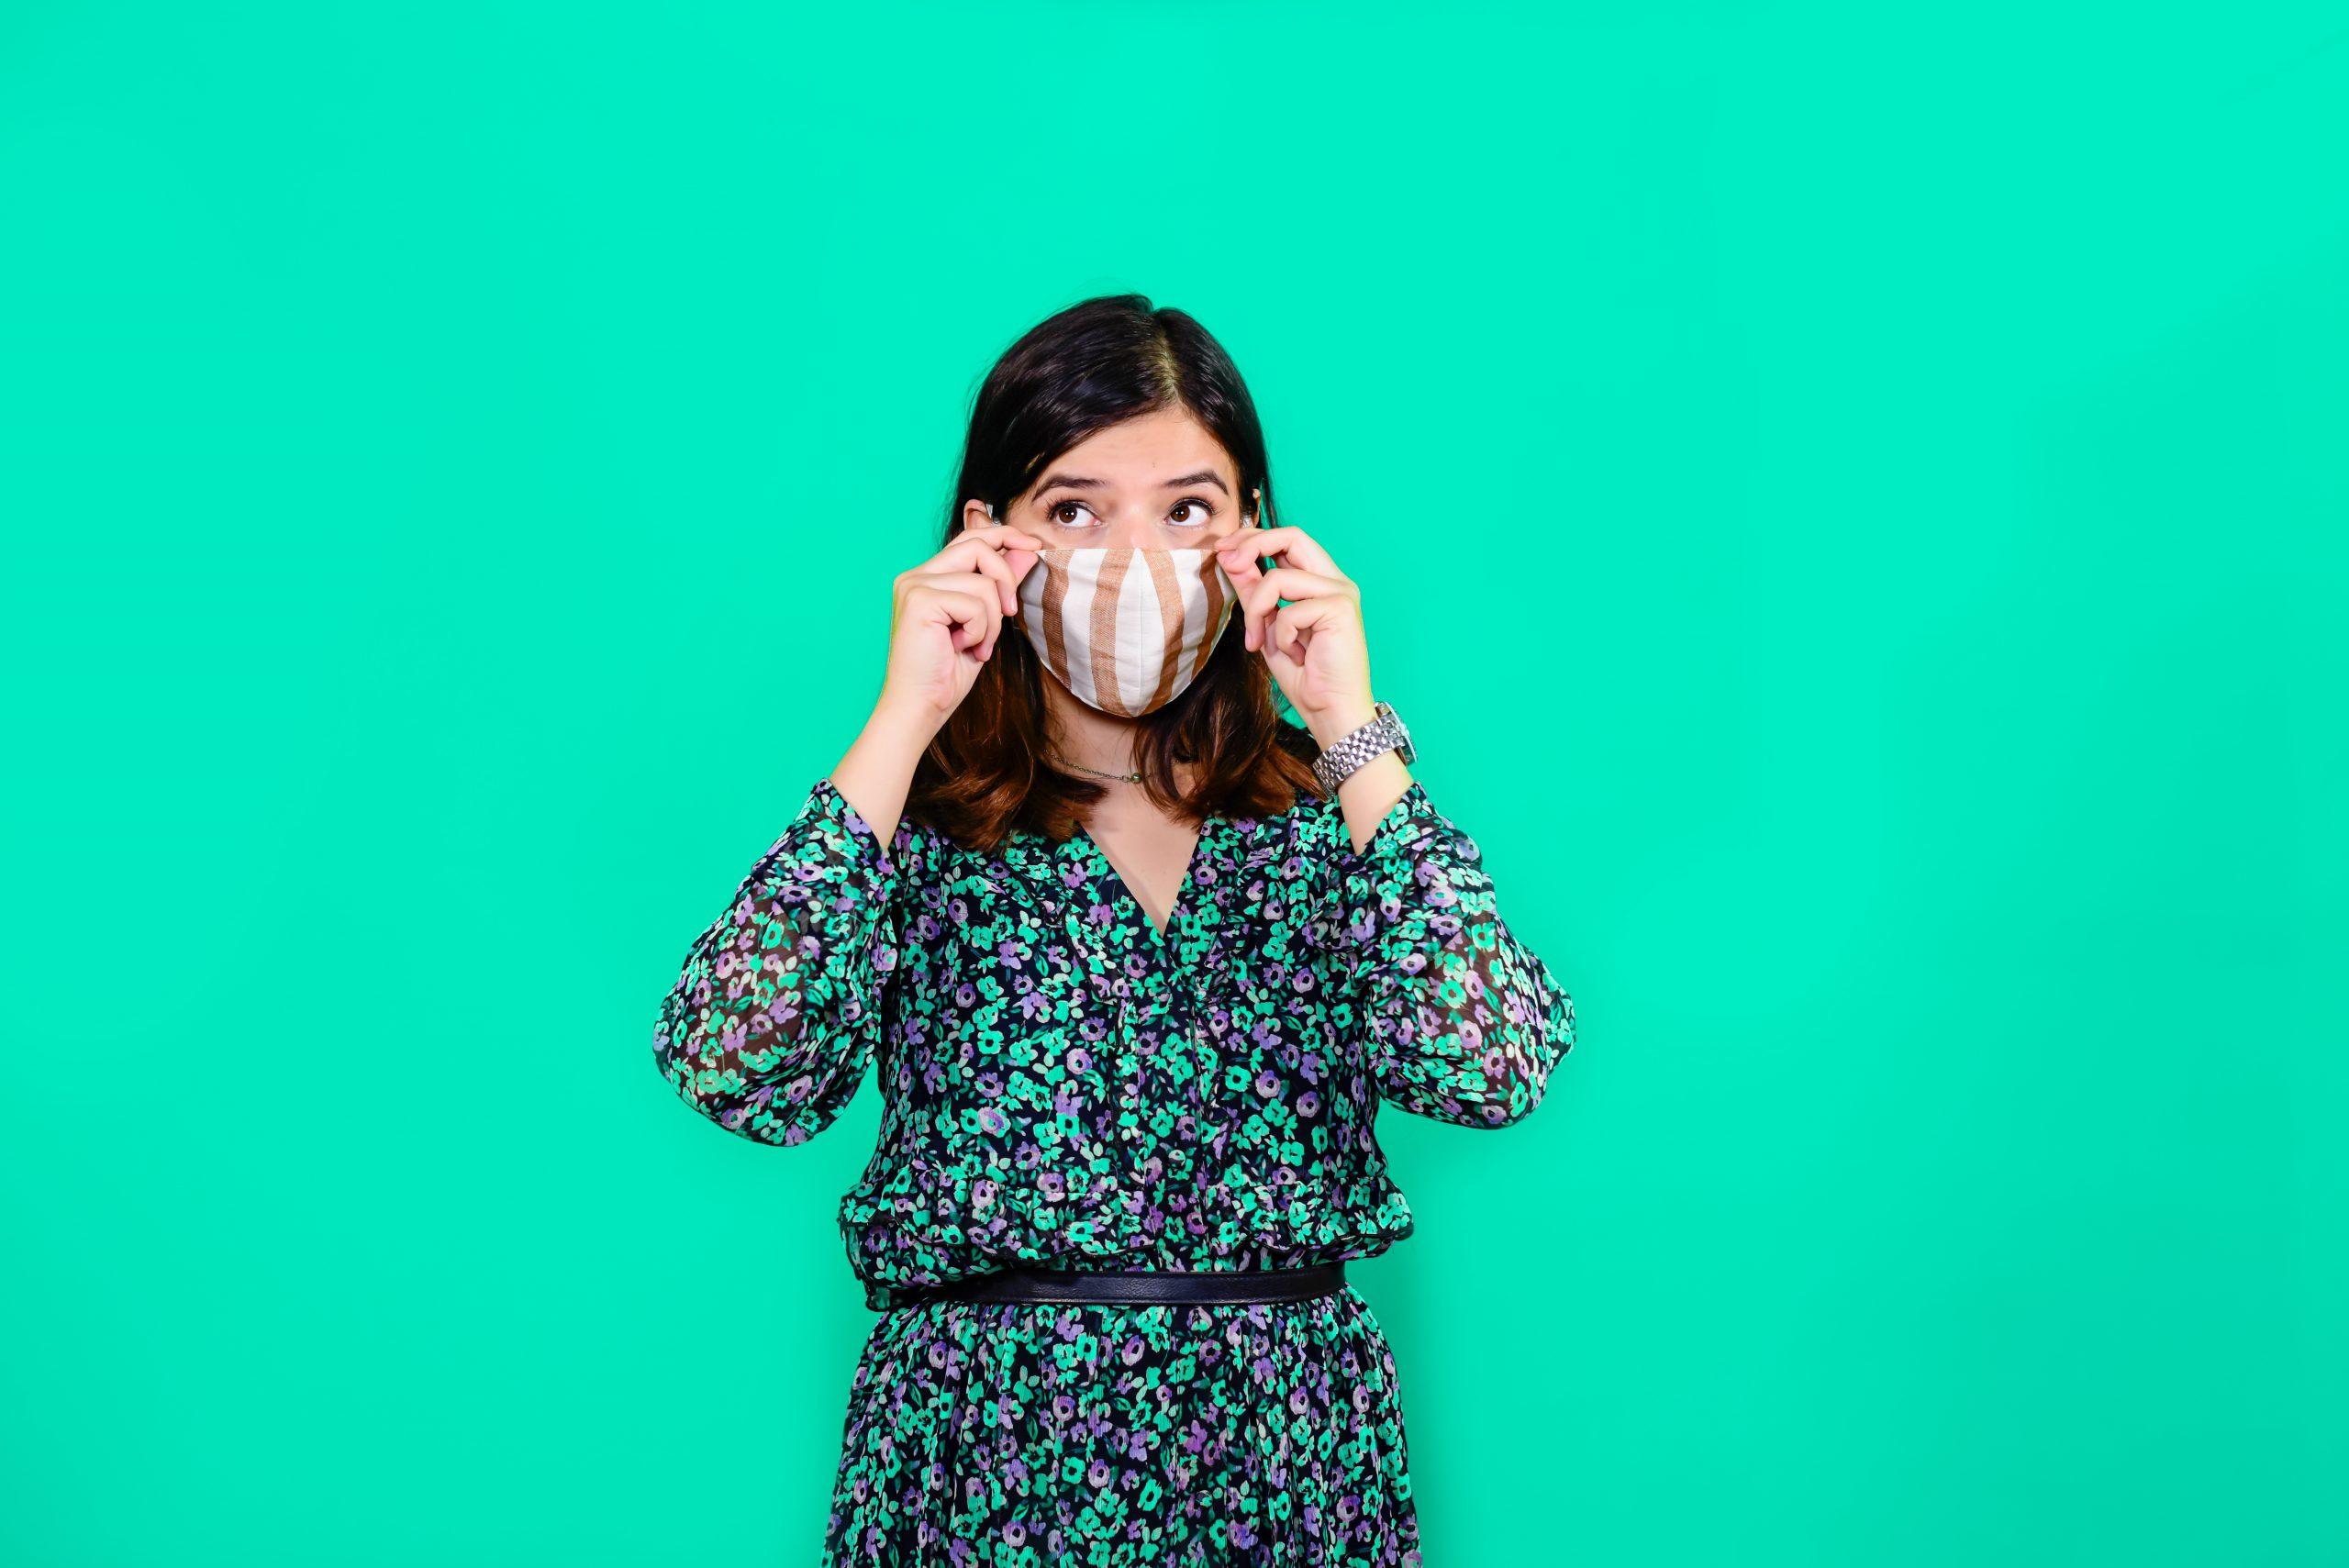 Girl wearing mask to avoid virus